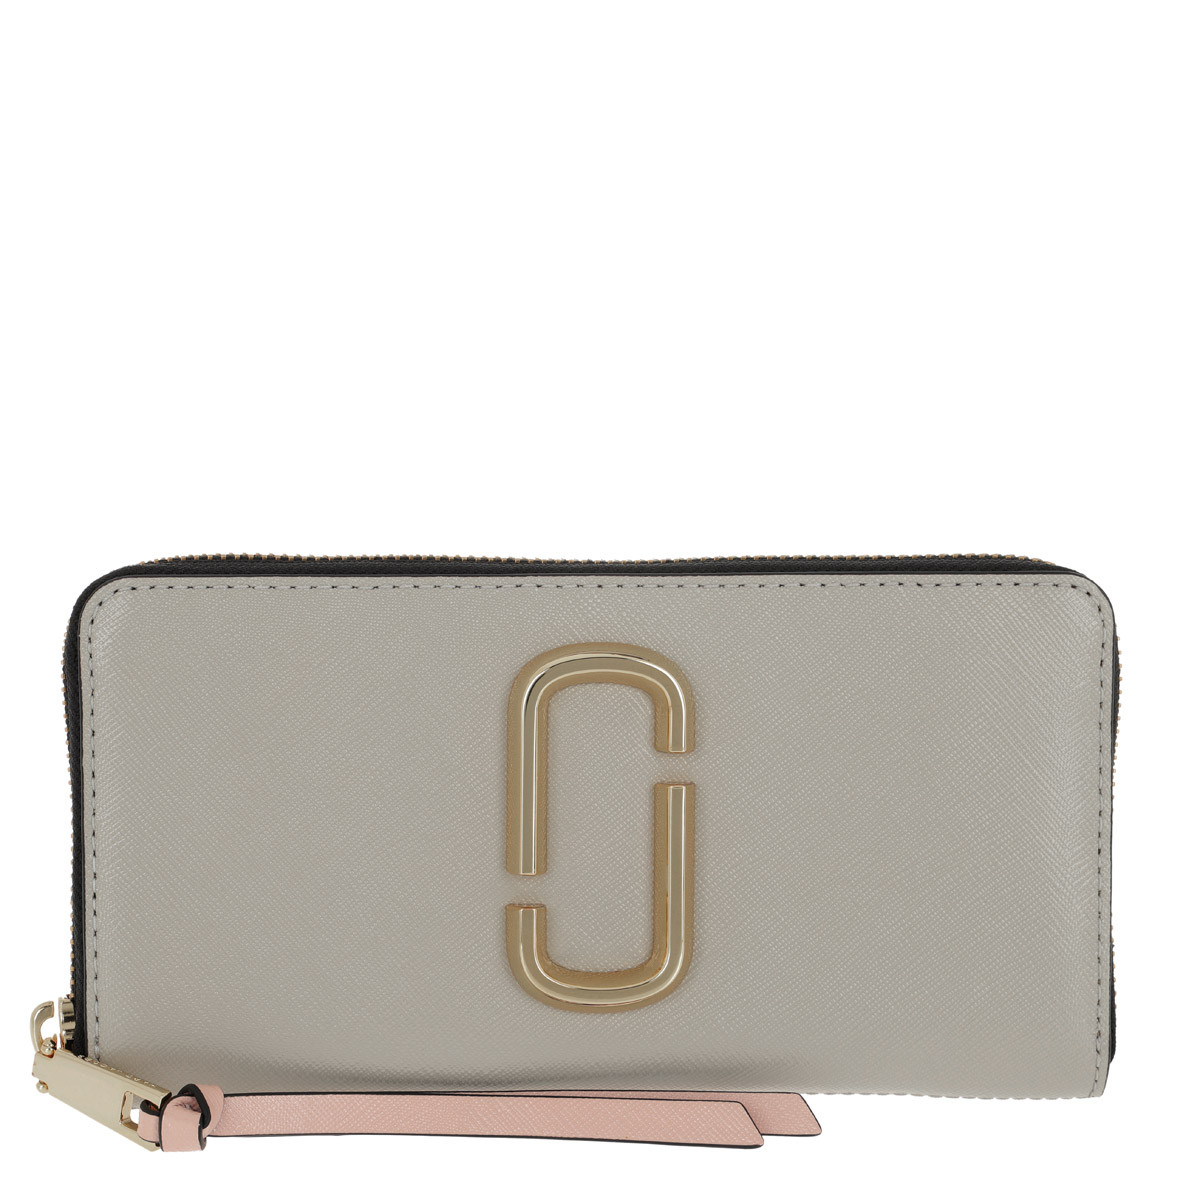 Marc Jacobs Portemonnaie - Snapshot Standard Continental Wallet Leather Dust/Multi - in grau - für Damen